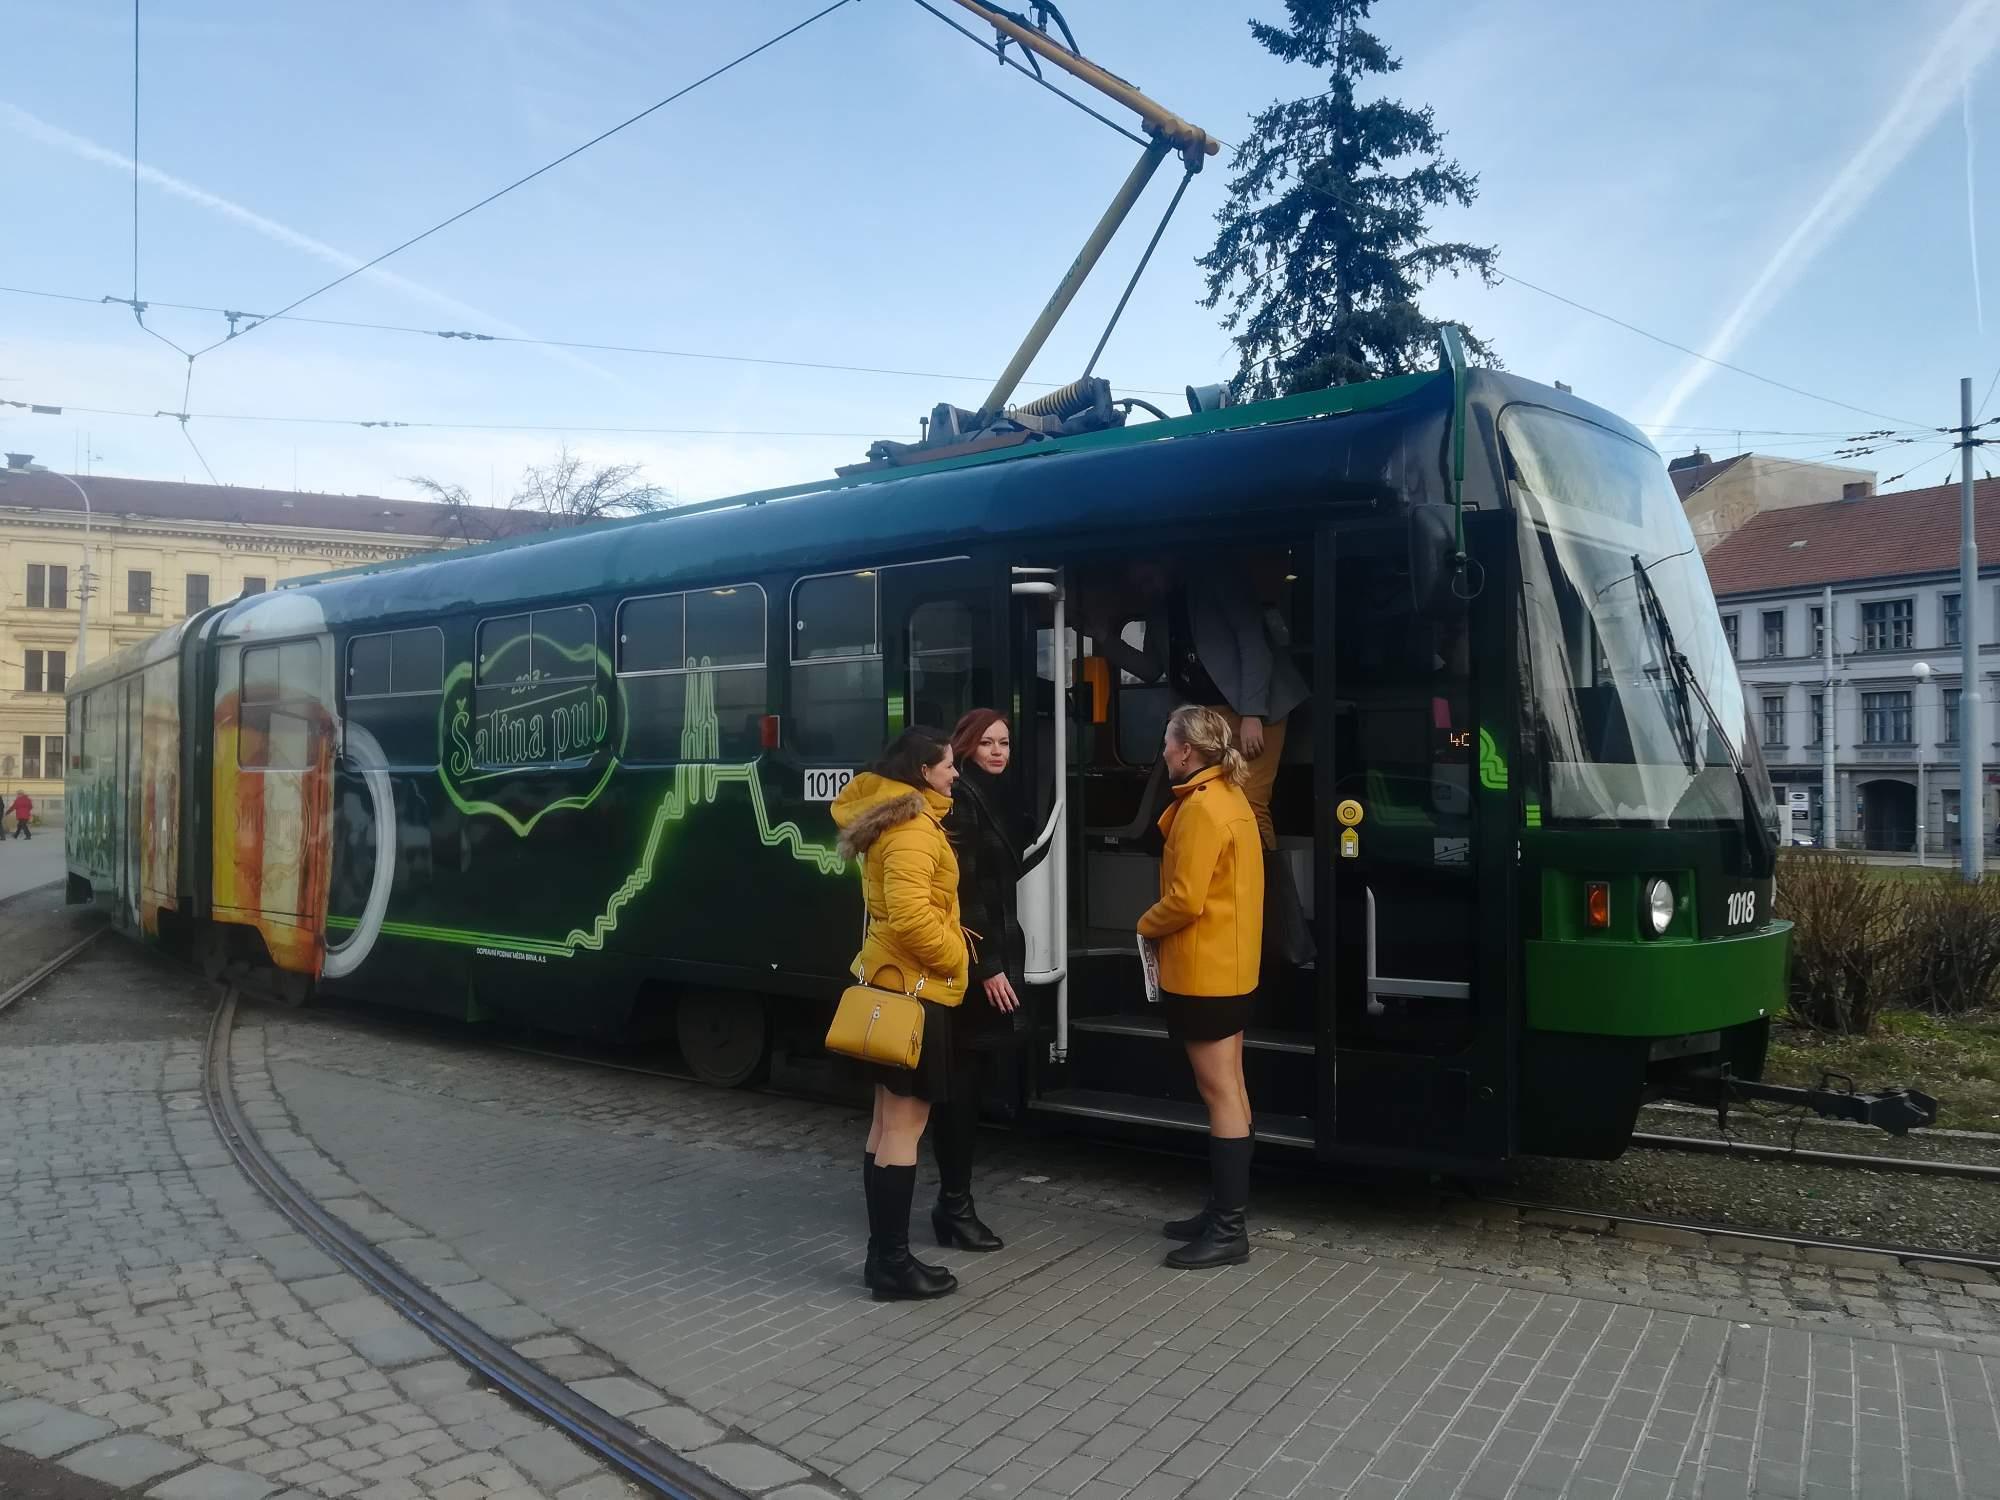 Šalina pub vyjede ulicemi Brna už tuto středu. Foto: Anna Viktorinová